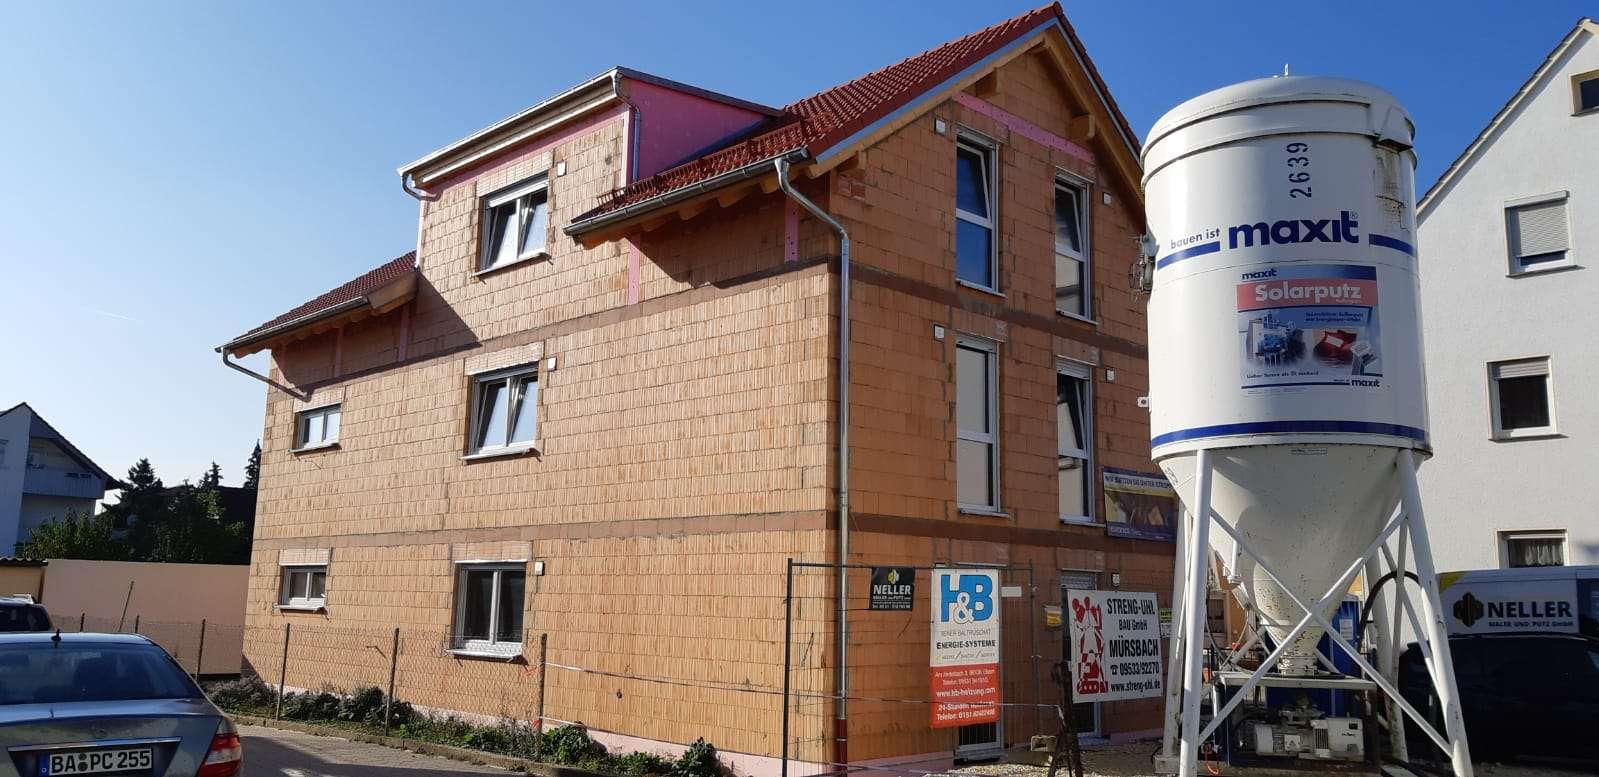 Neue und sehr schöne 4-Zimmerwohnung in Hallstadt  in Hallstadt